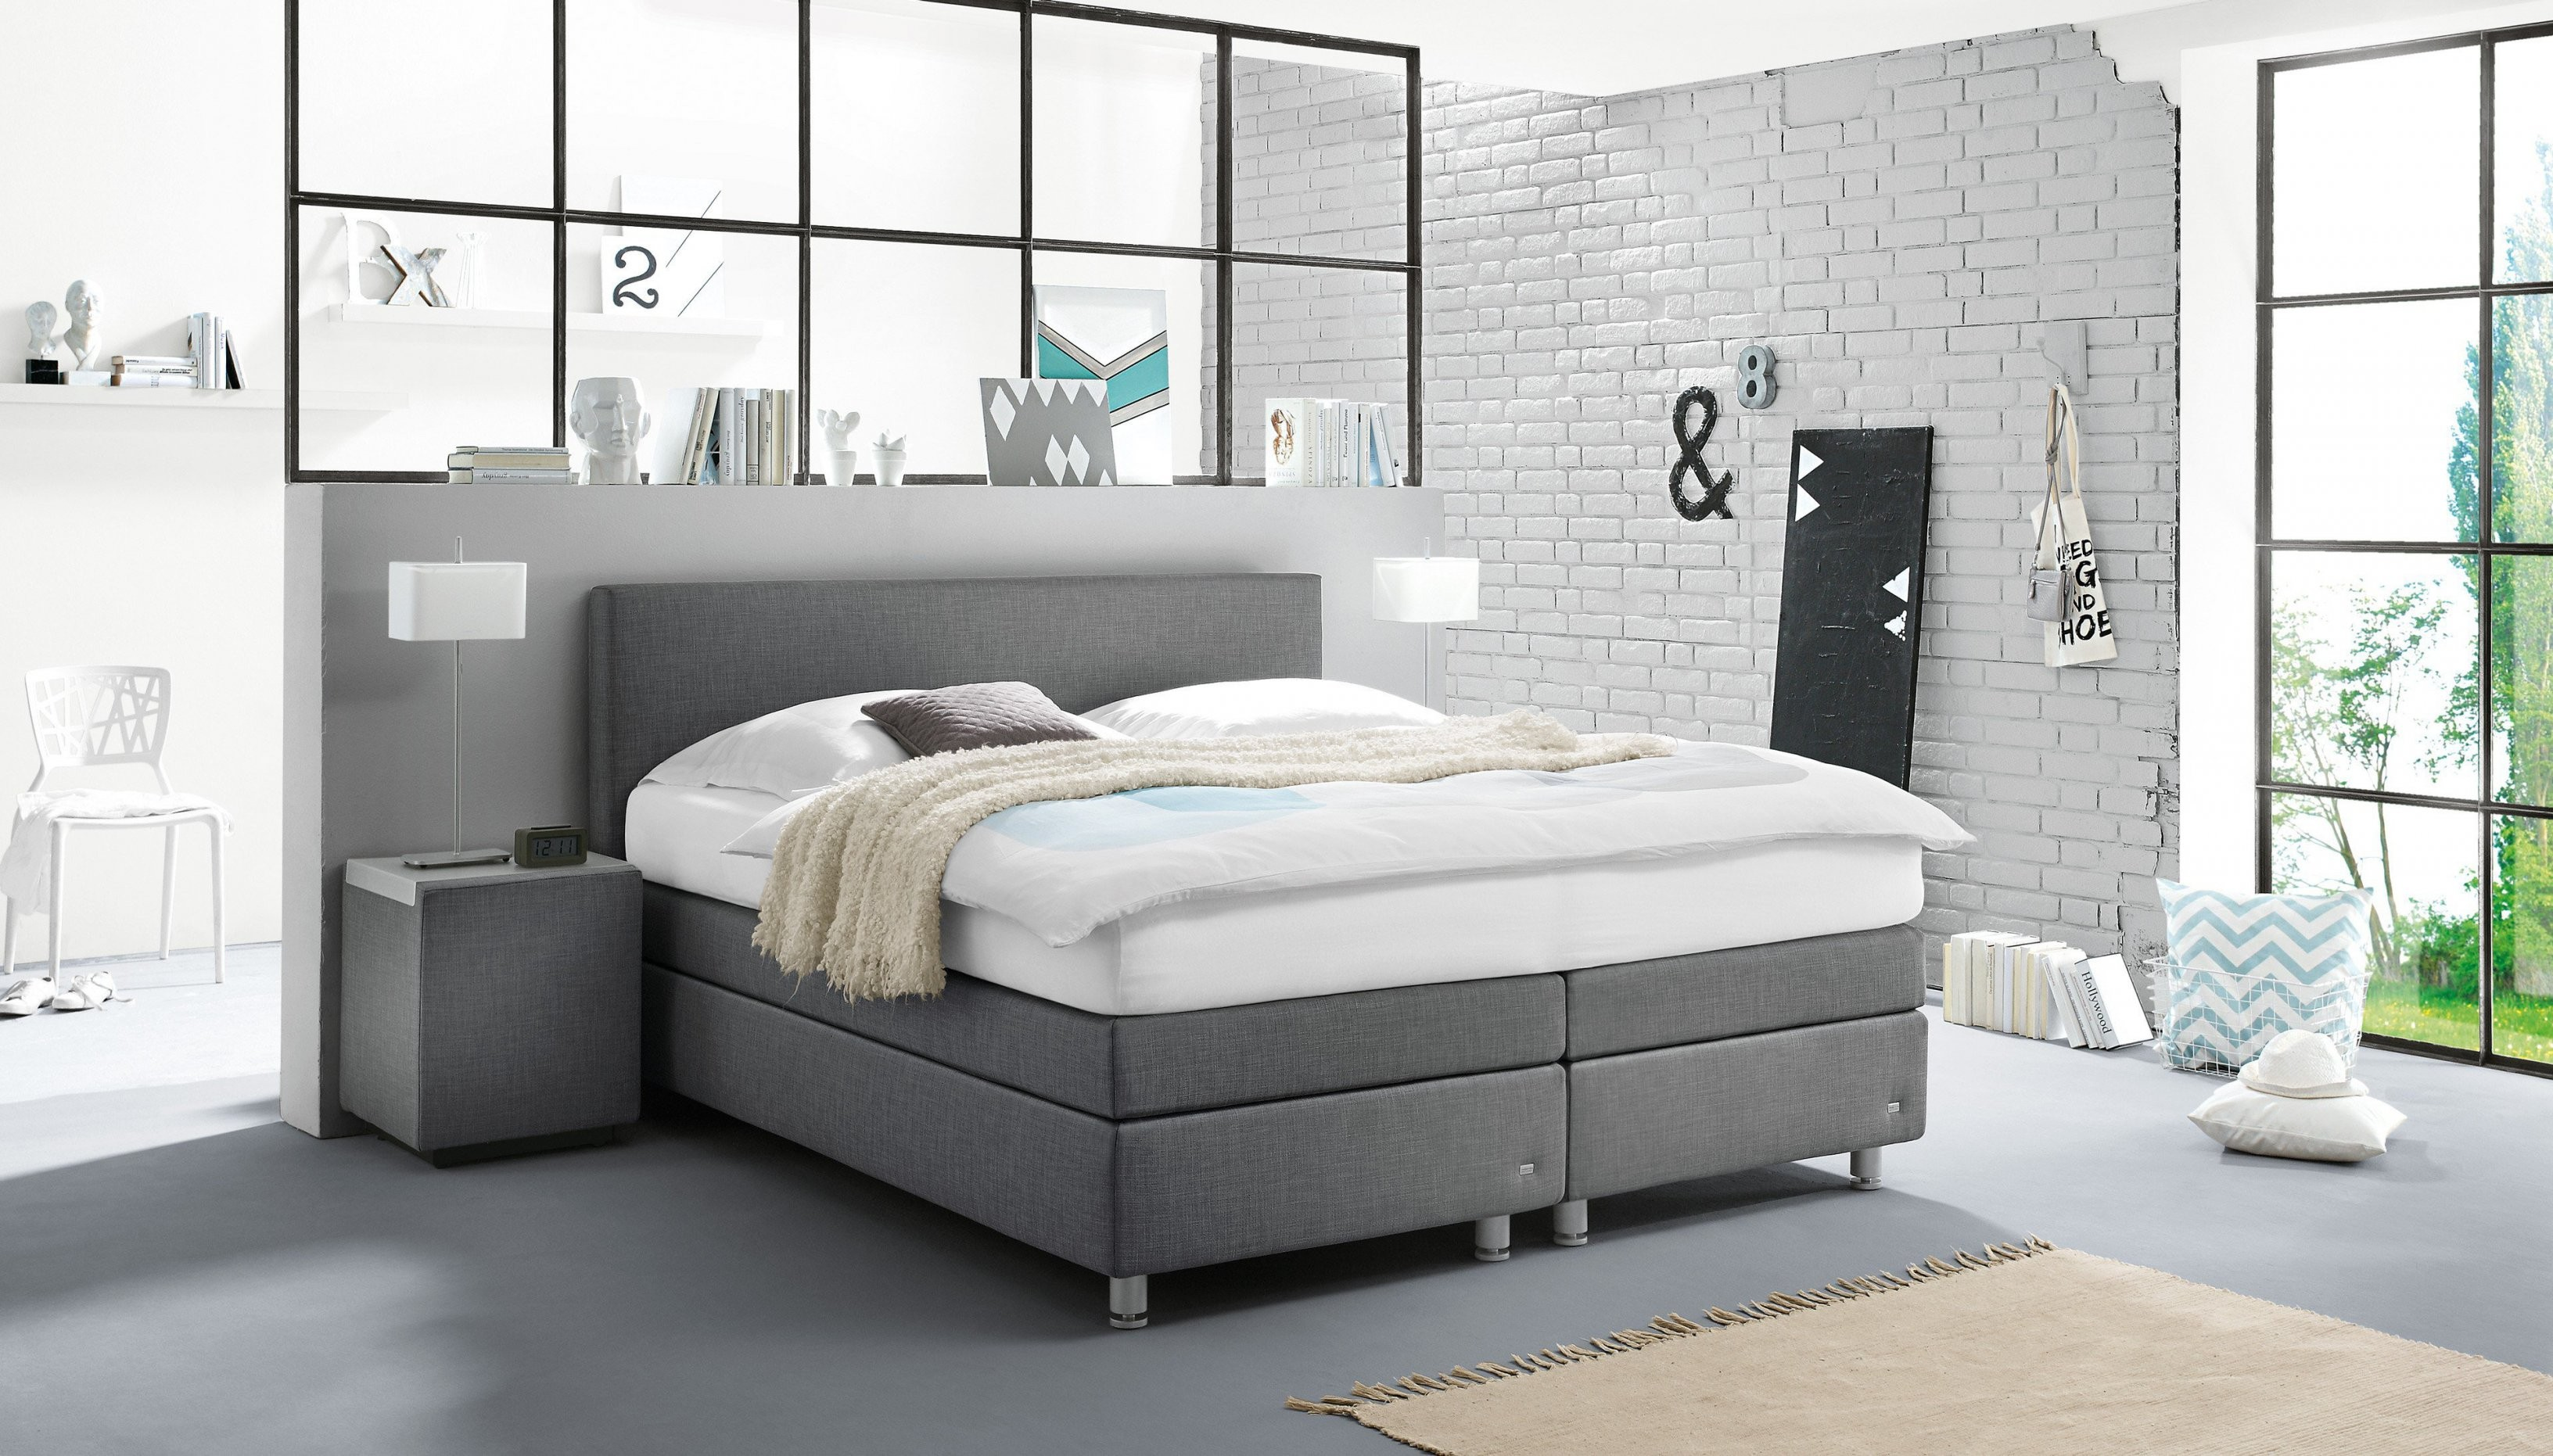 Ruf Betten Verena Boxspringbett In Grau  Möbel Letz  Ihr Onlineshop von Ruf Betten Matratzen Photo